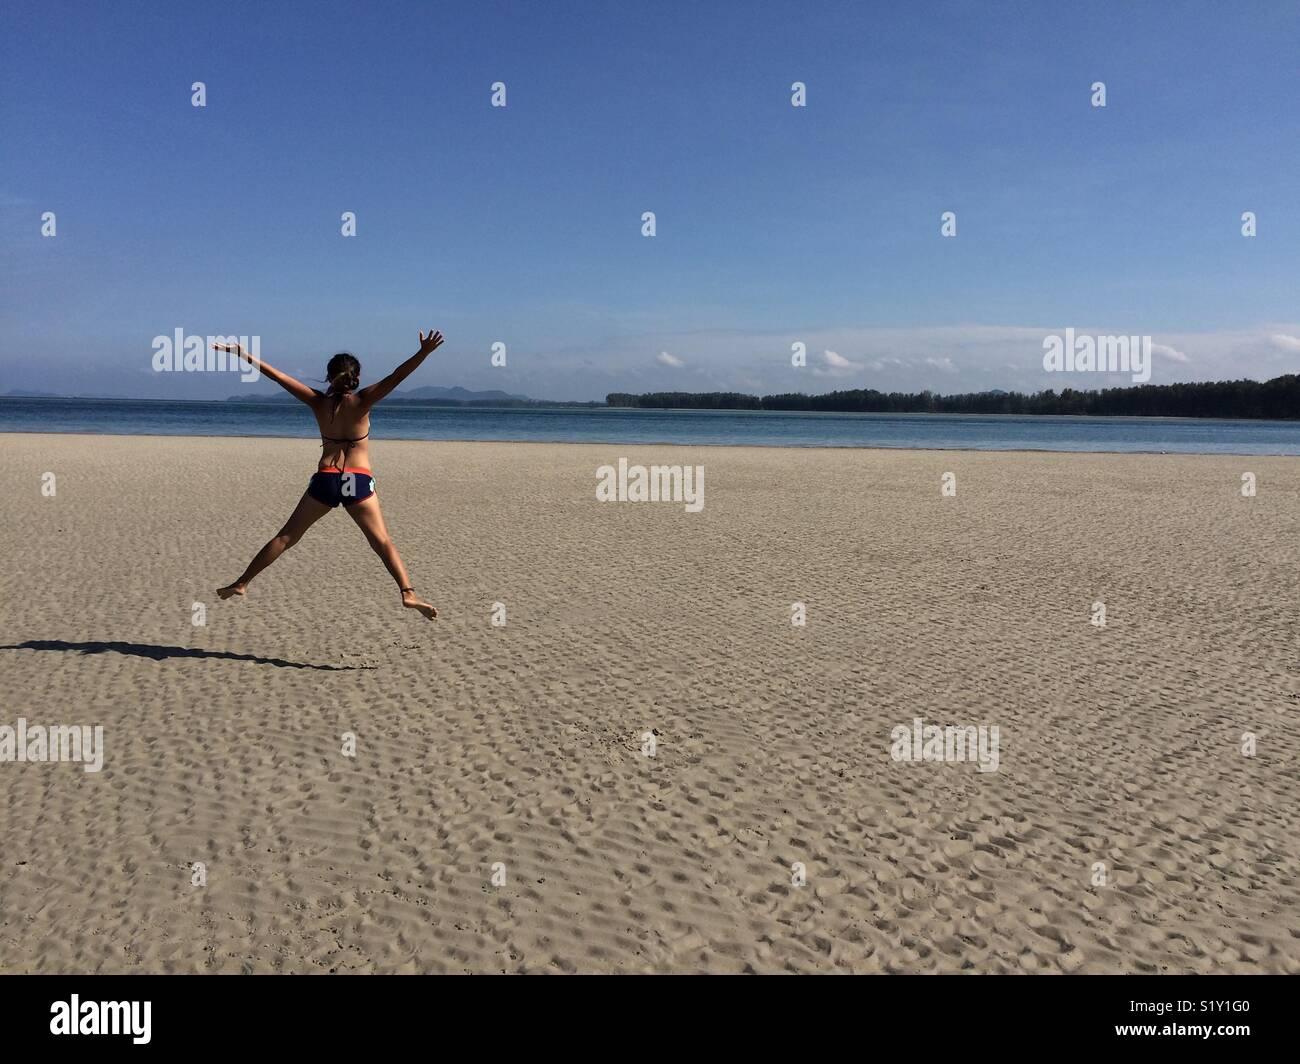 Beach fun - Stock Image